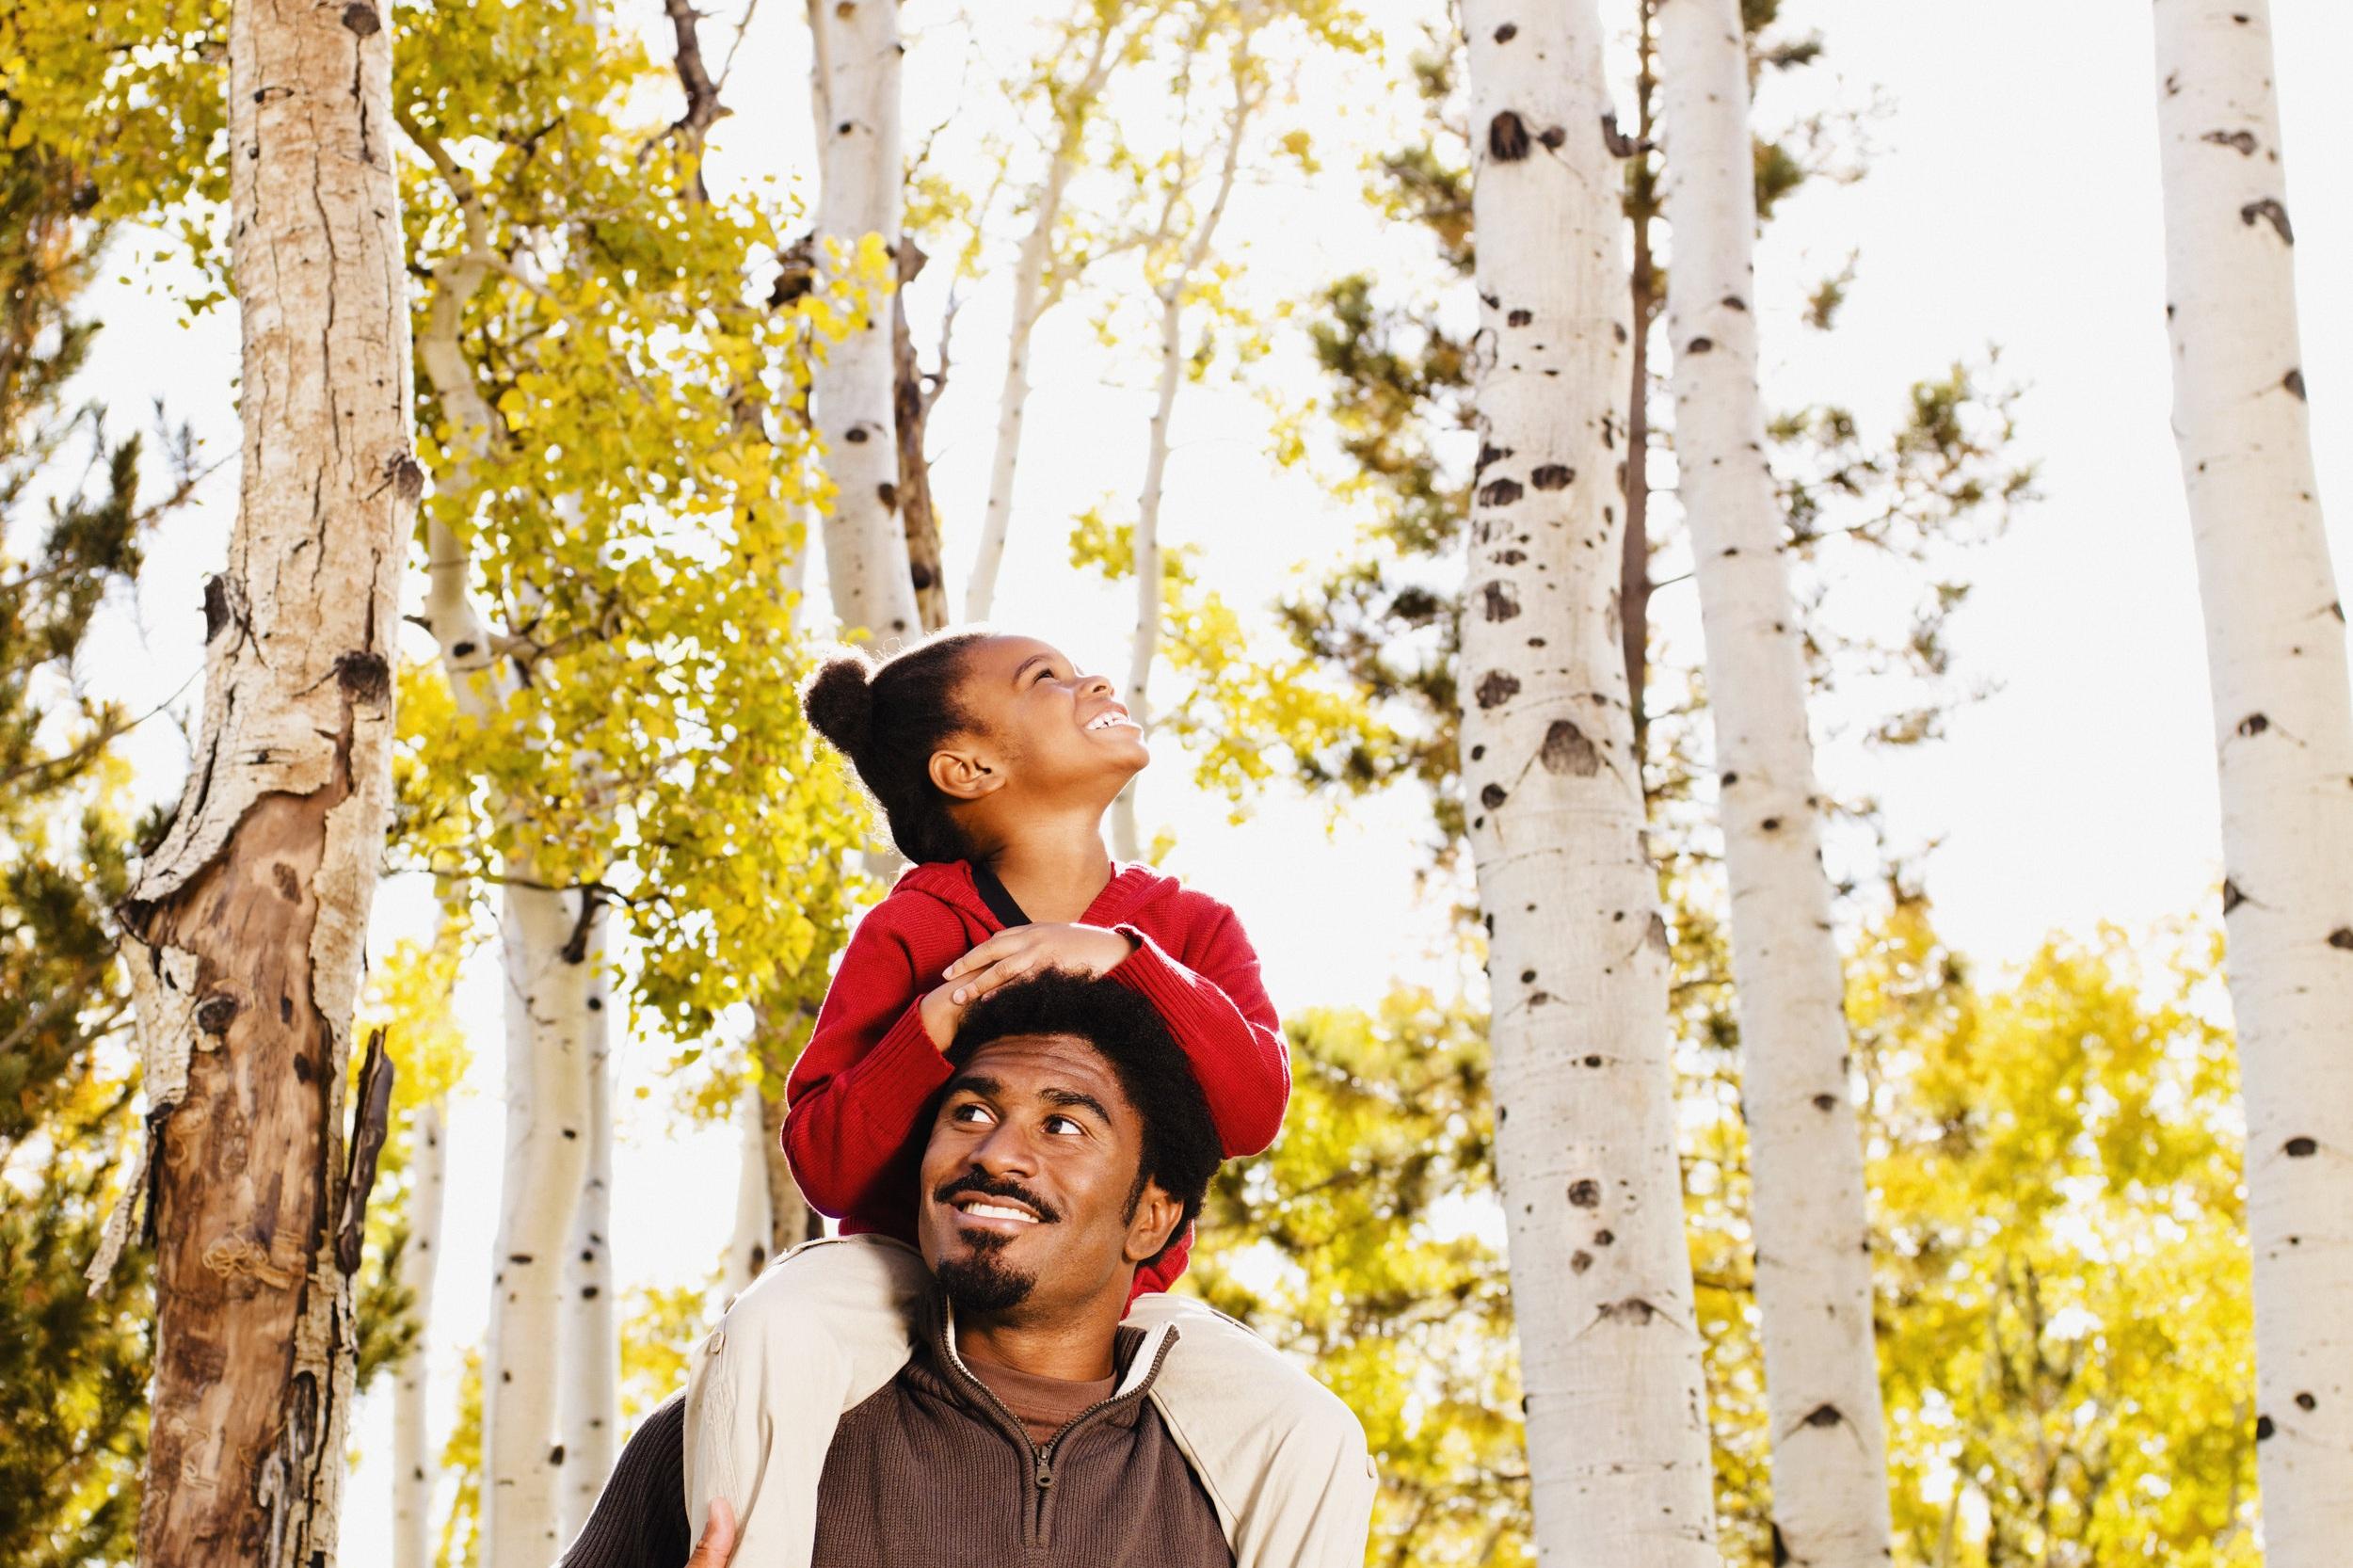 nature+activities+for+homeschoolers